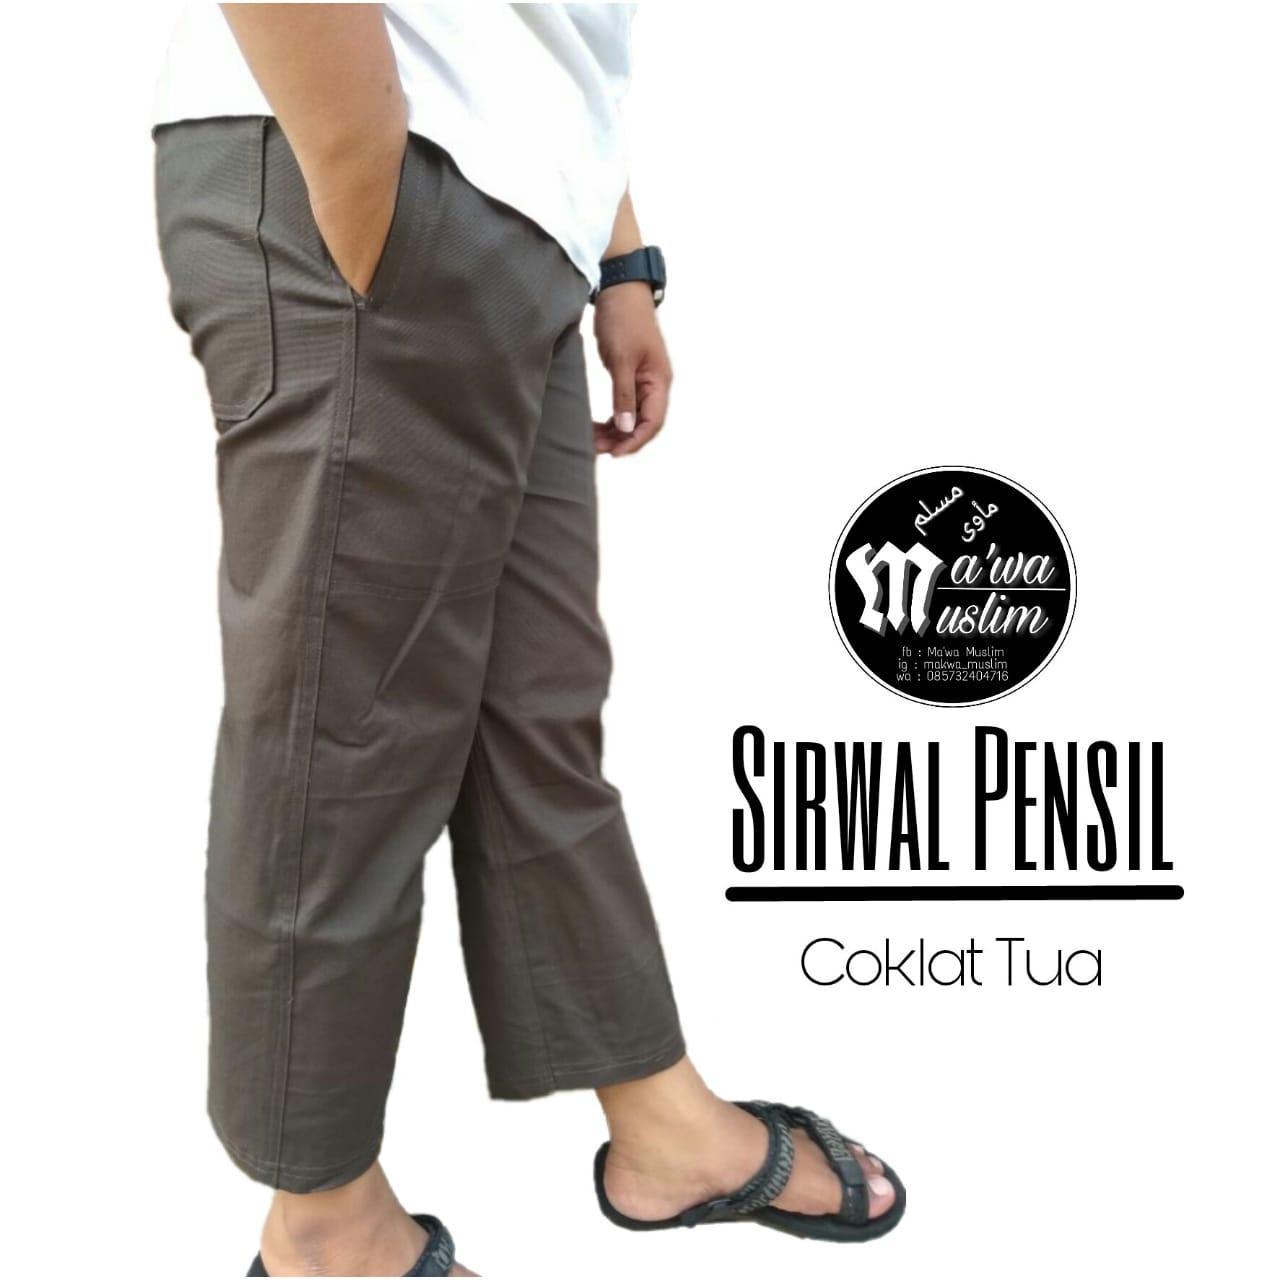 Celana Panjang Pria - Sirwal Pensil - Coklat Tua